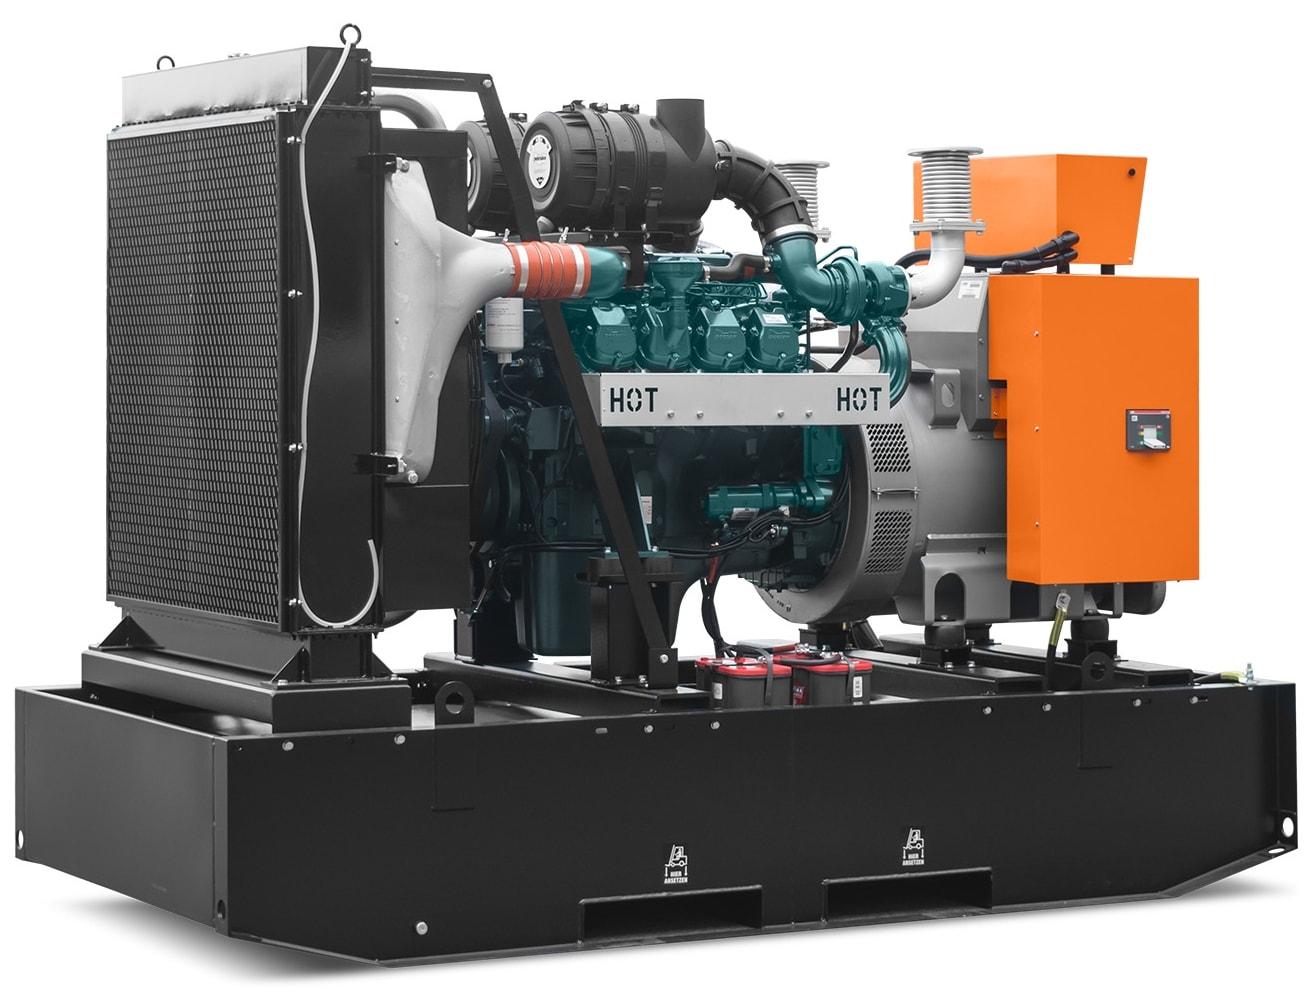 дизельная электростанция rid 500 b-series